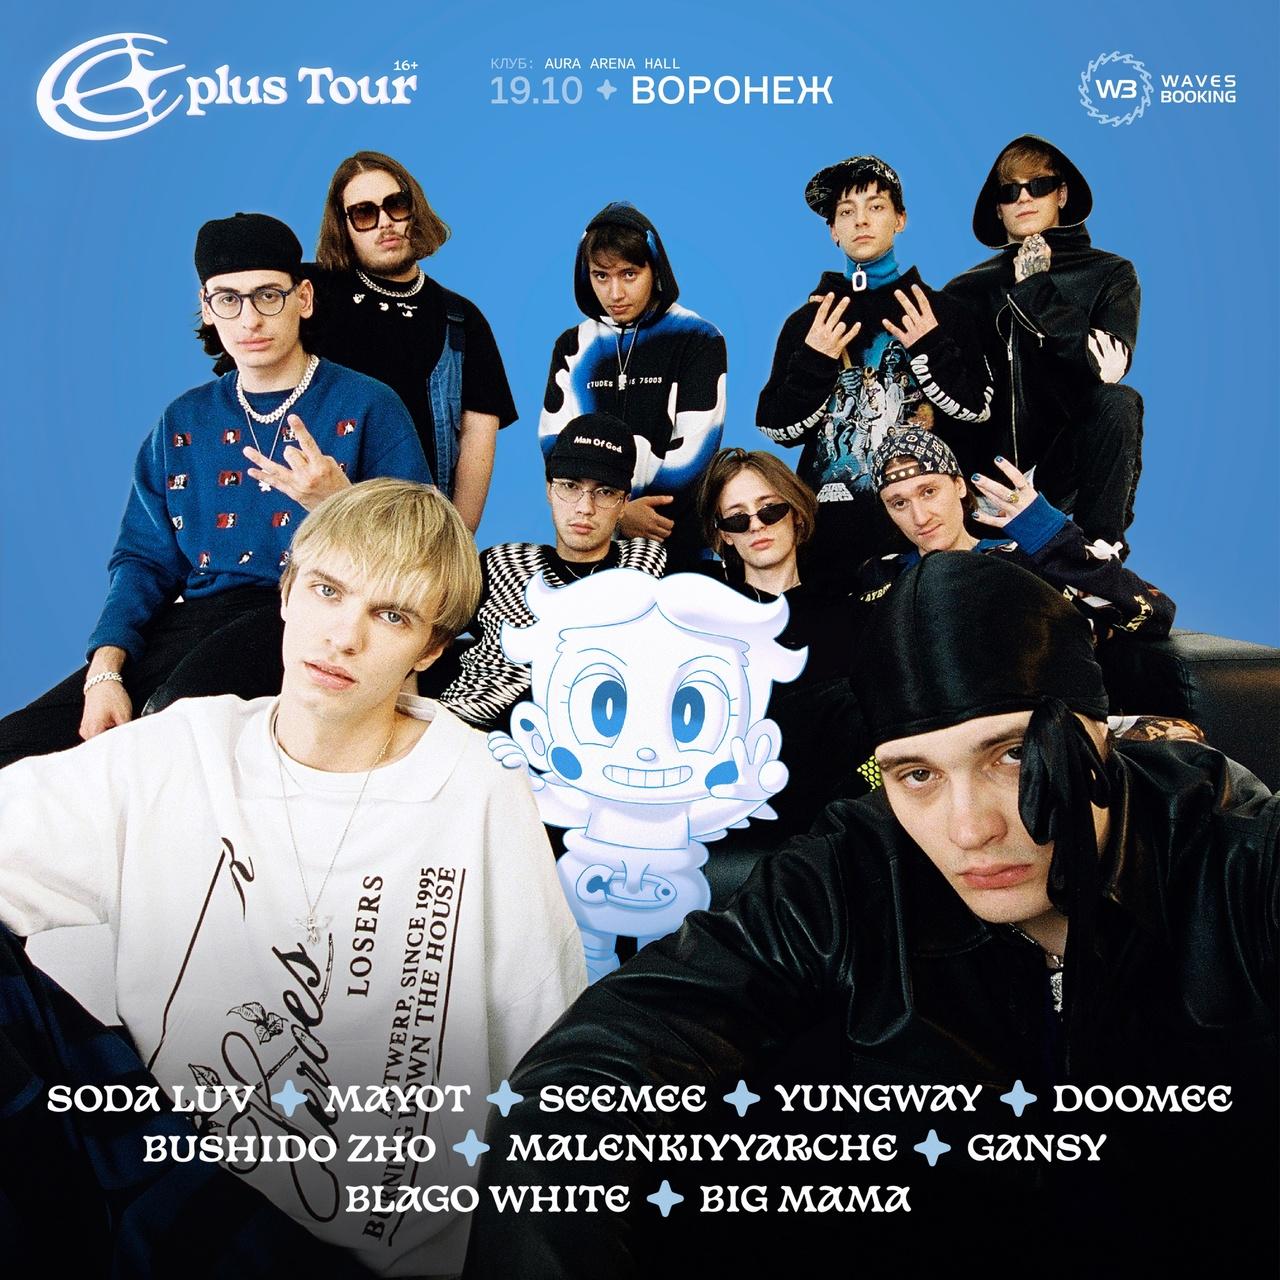 Афиша Воронеж CPLUS TOUR / 19.10, ВОРОНЕЖ AURA ARENA HALL